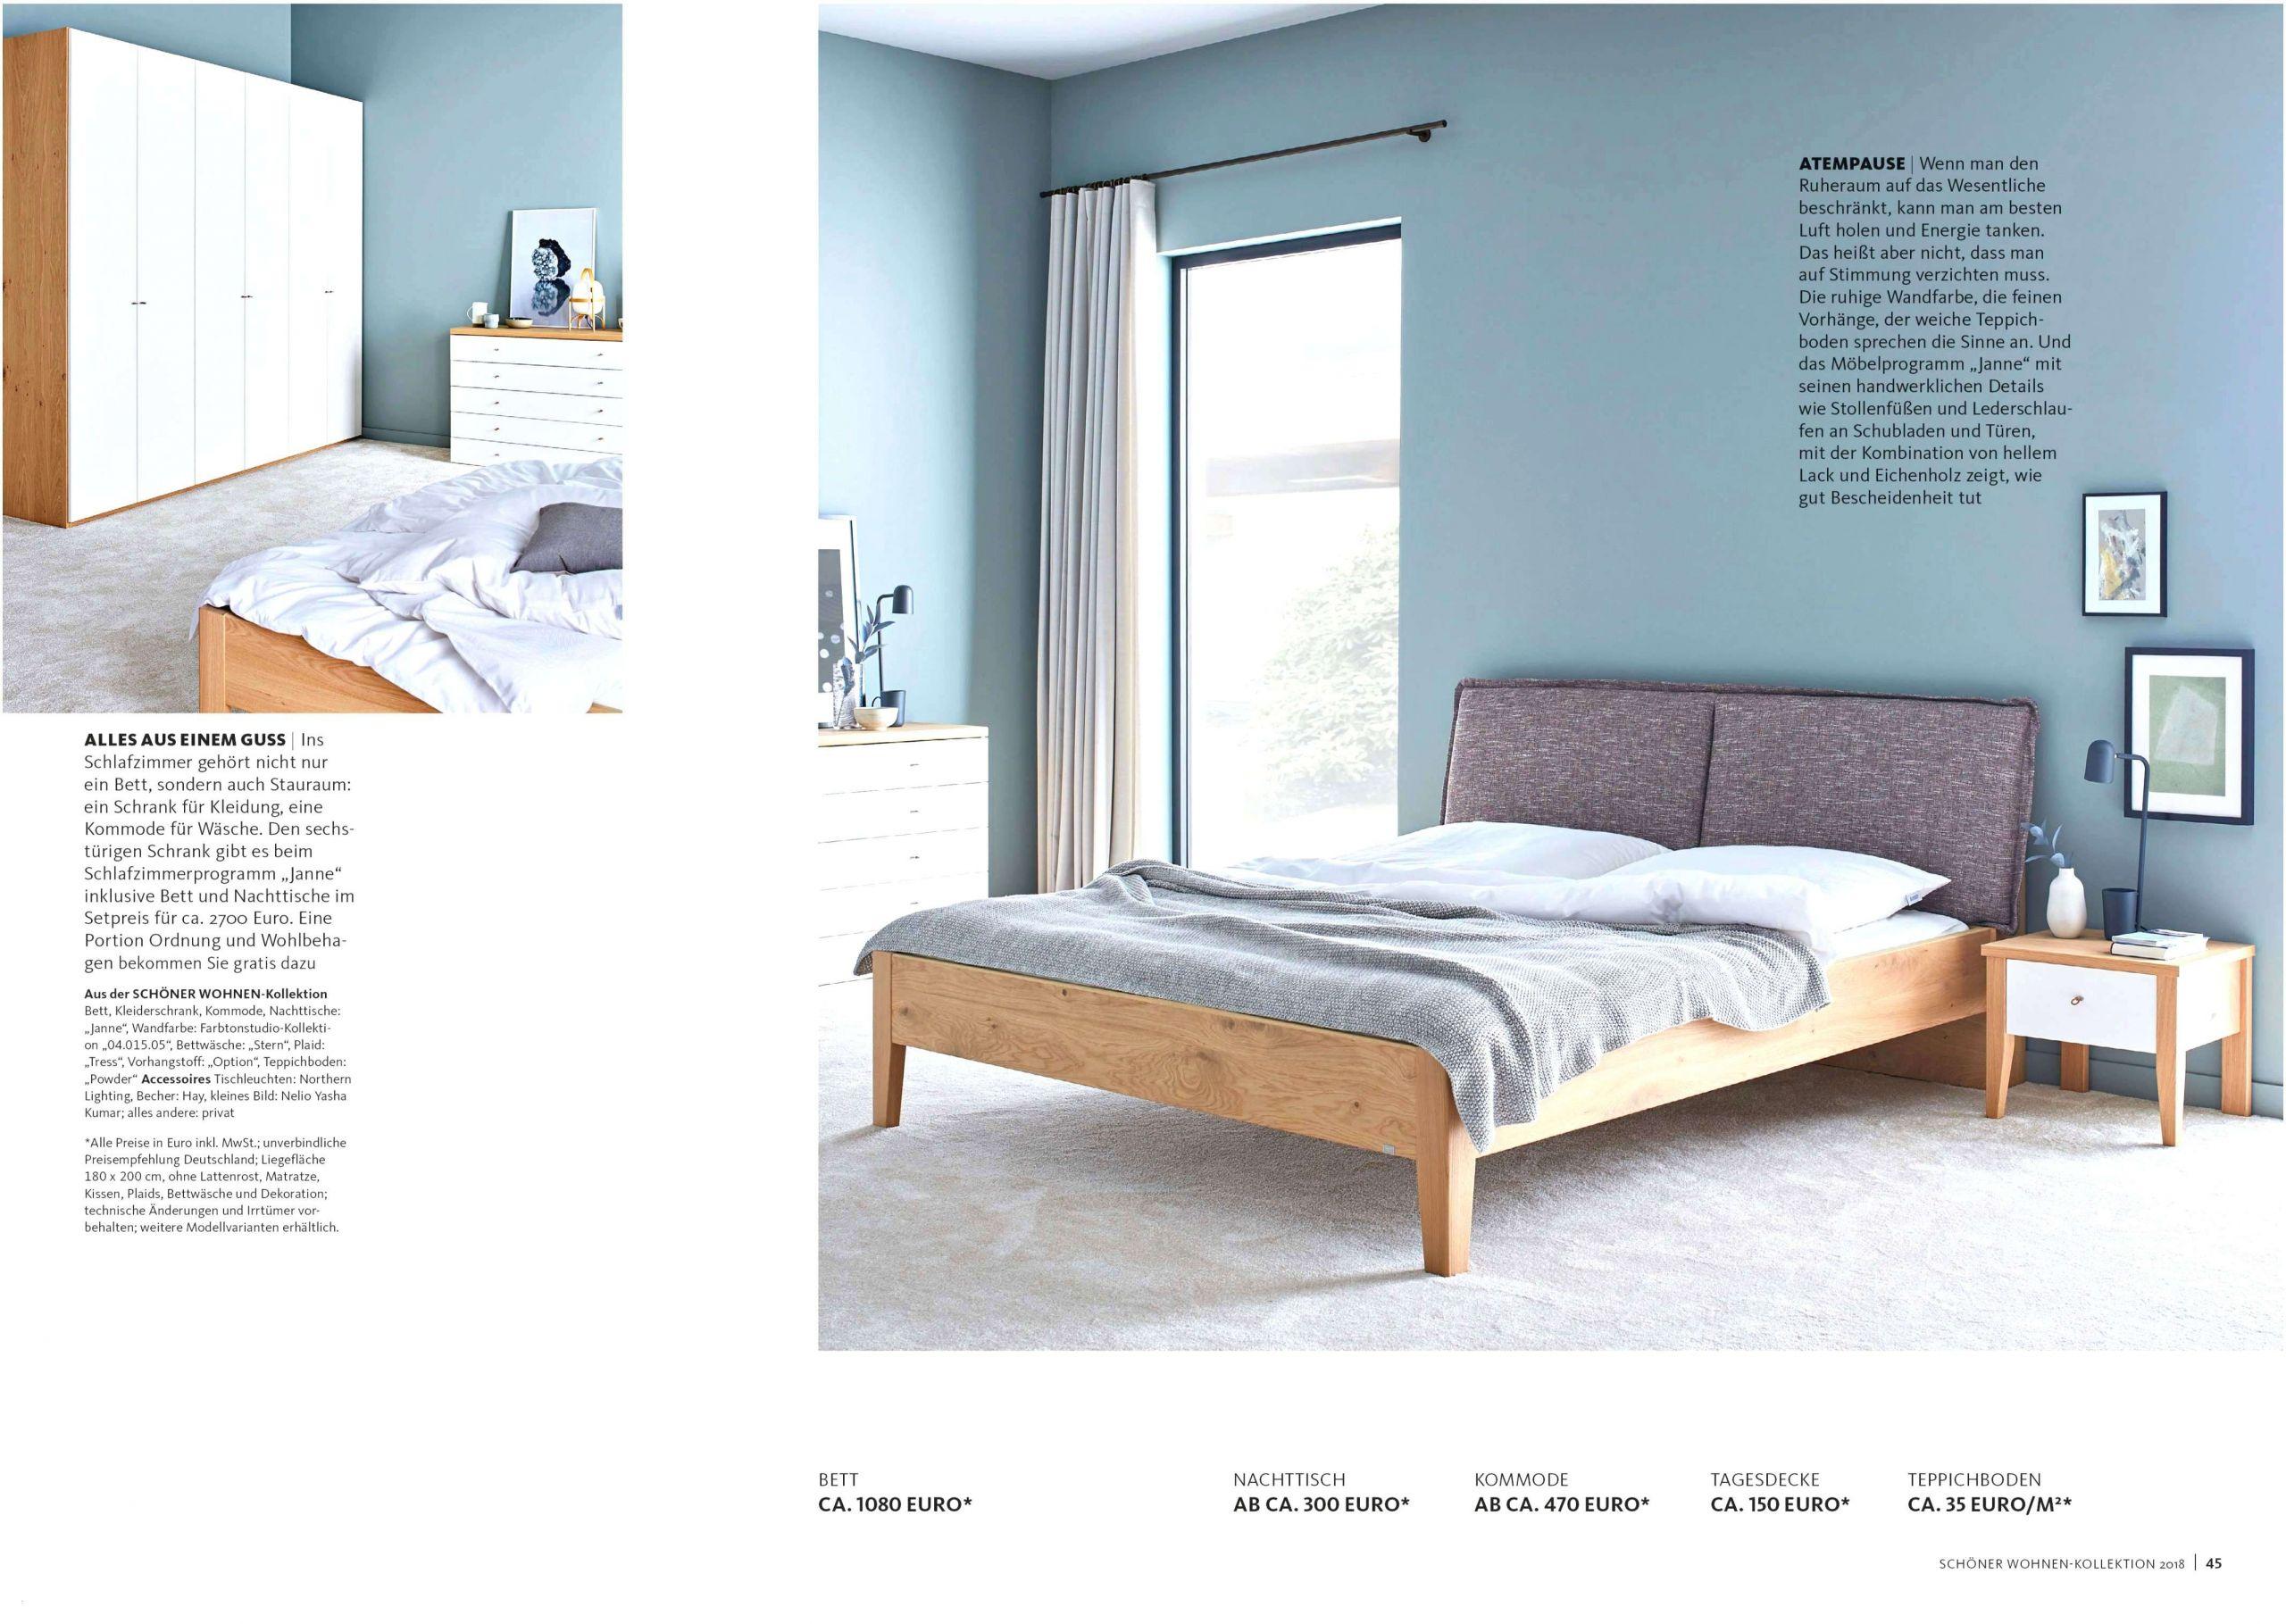 45 genial haustur deko grafik design 0mh nmn bog hko wrr of wohnzimmer dachschrage